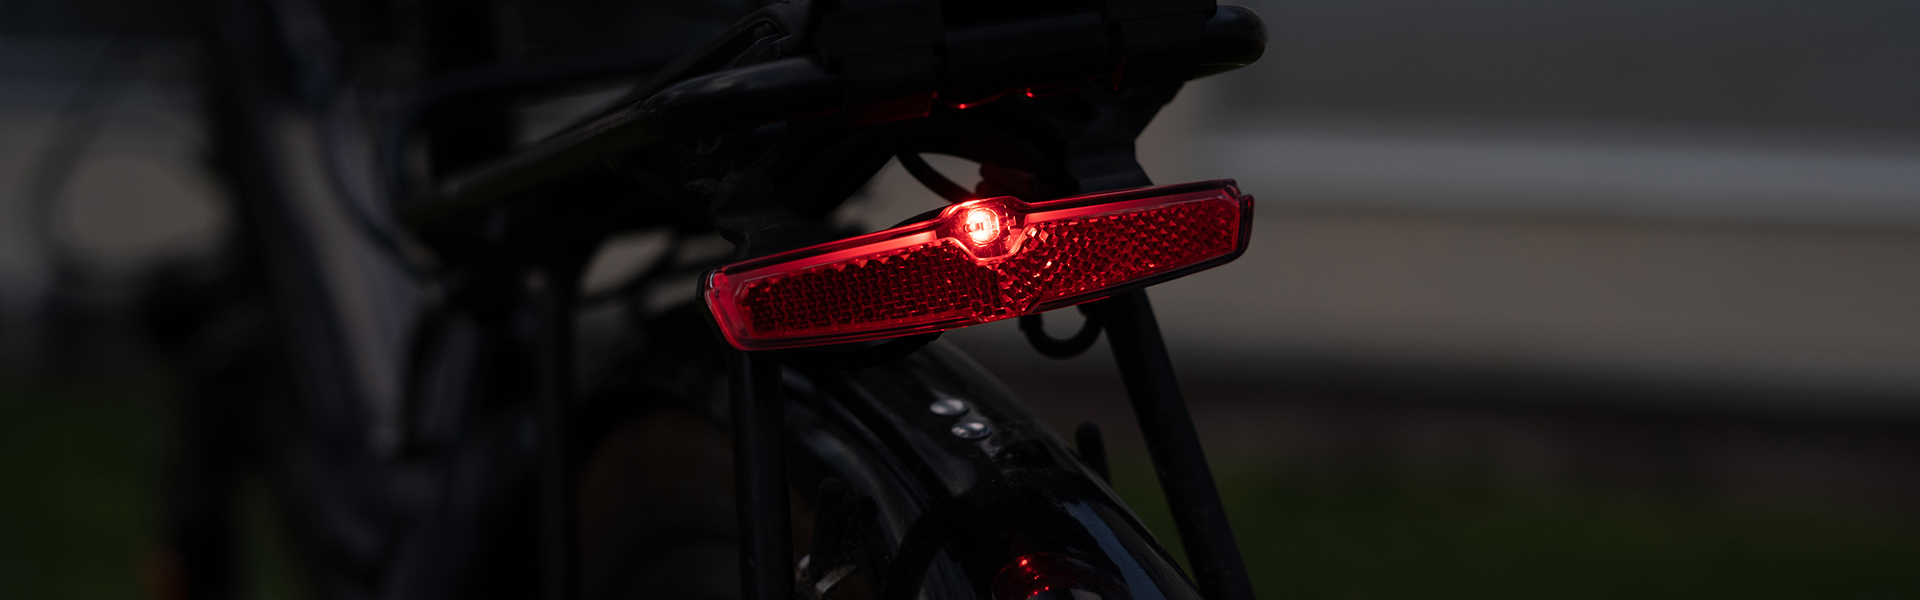 Sate-lite OSRAM 60lux ebike light ECE eletric bike headlight front fork 6-58V